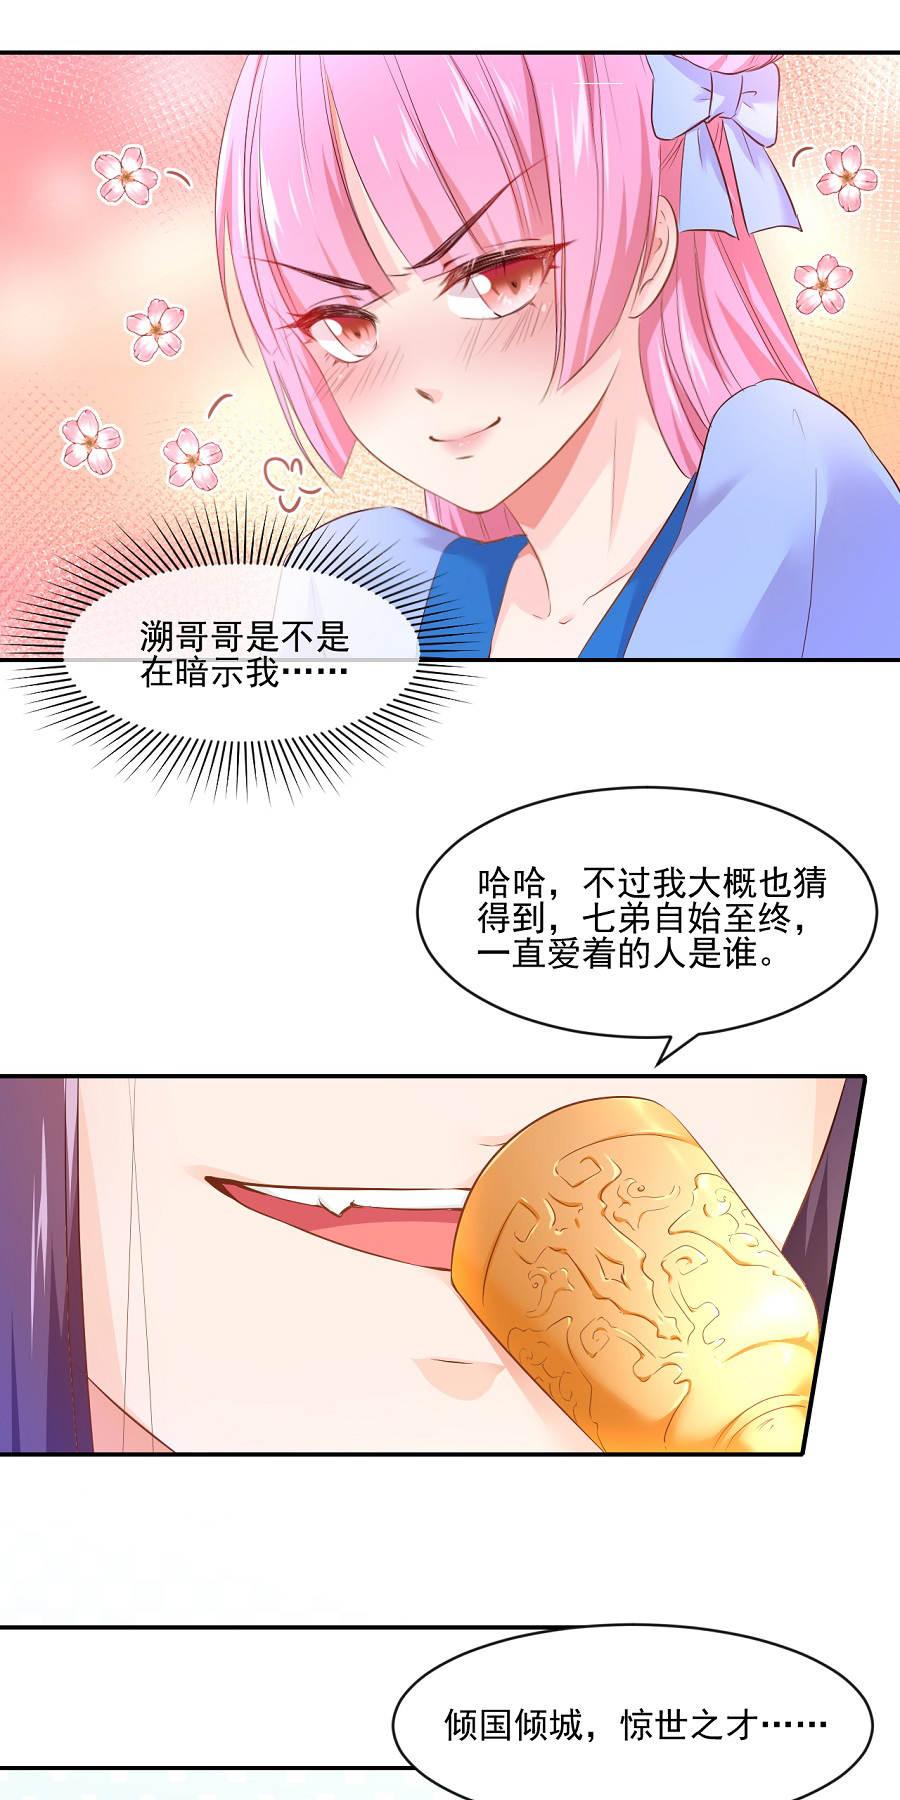 盛世帝王妃第77话  疯狗的故事 第 12